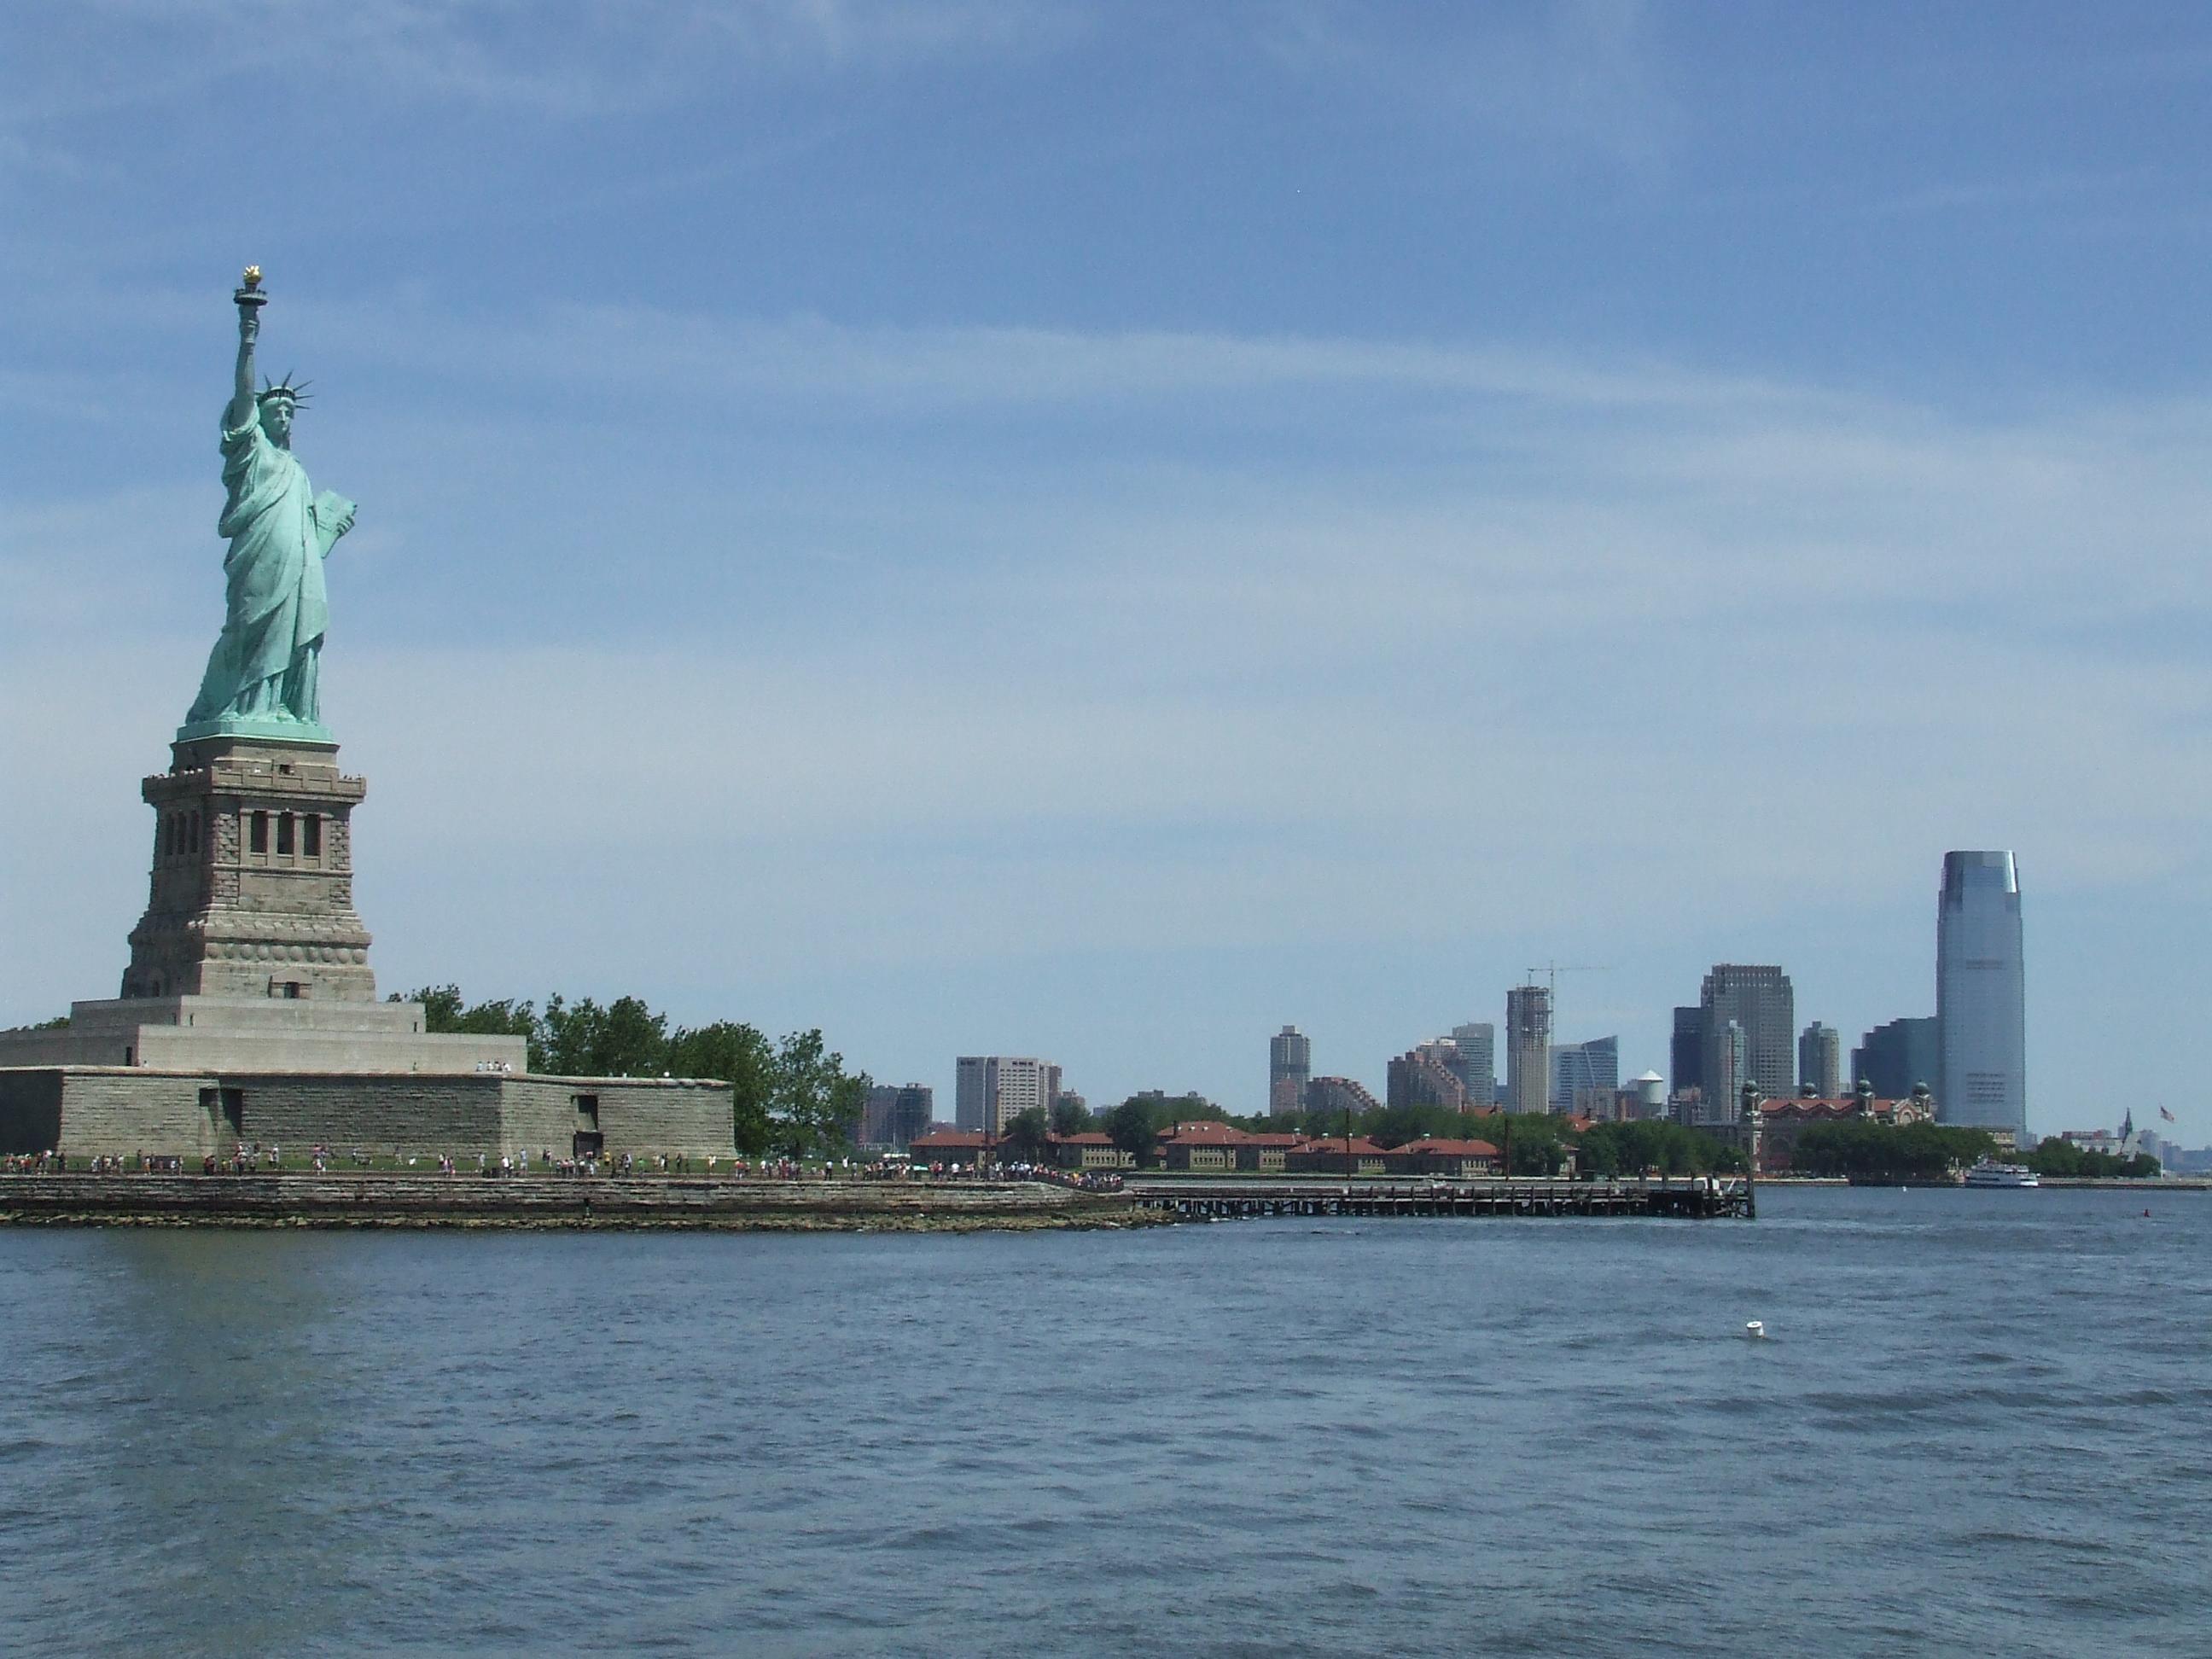 File:0328Jersey City Statue of Liberty.JPG - Wikipedia